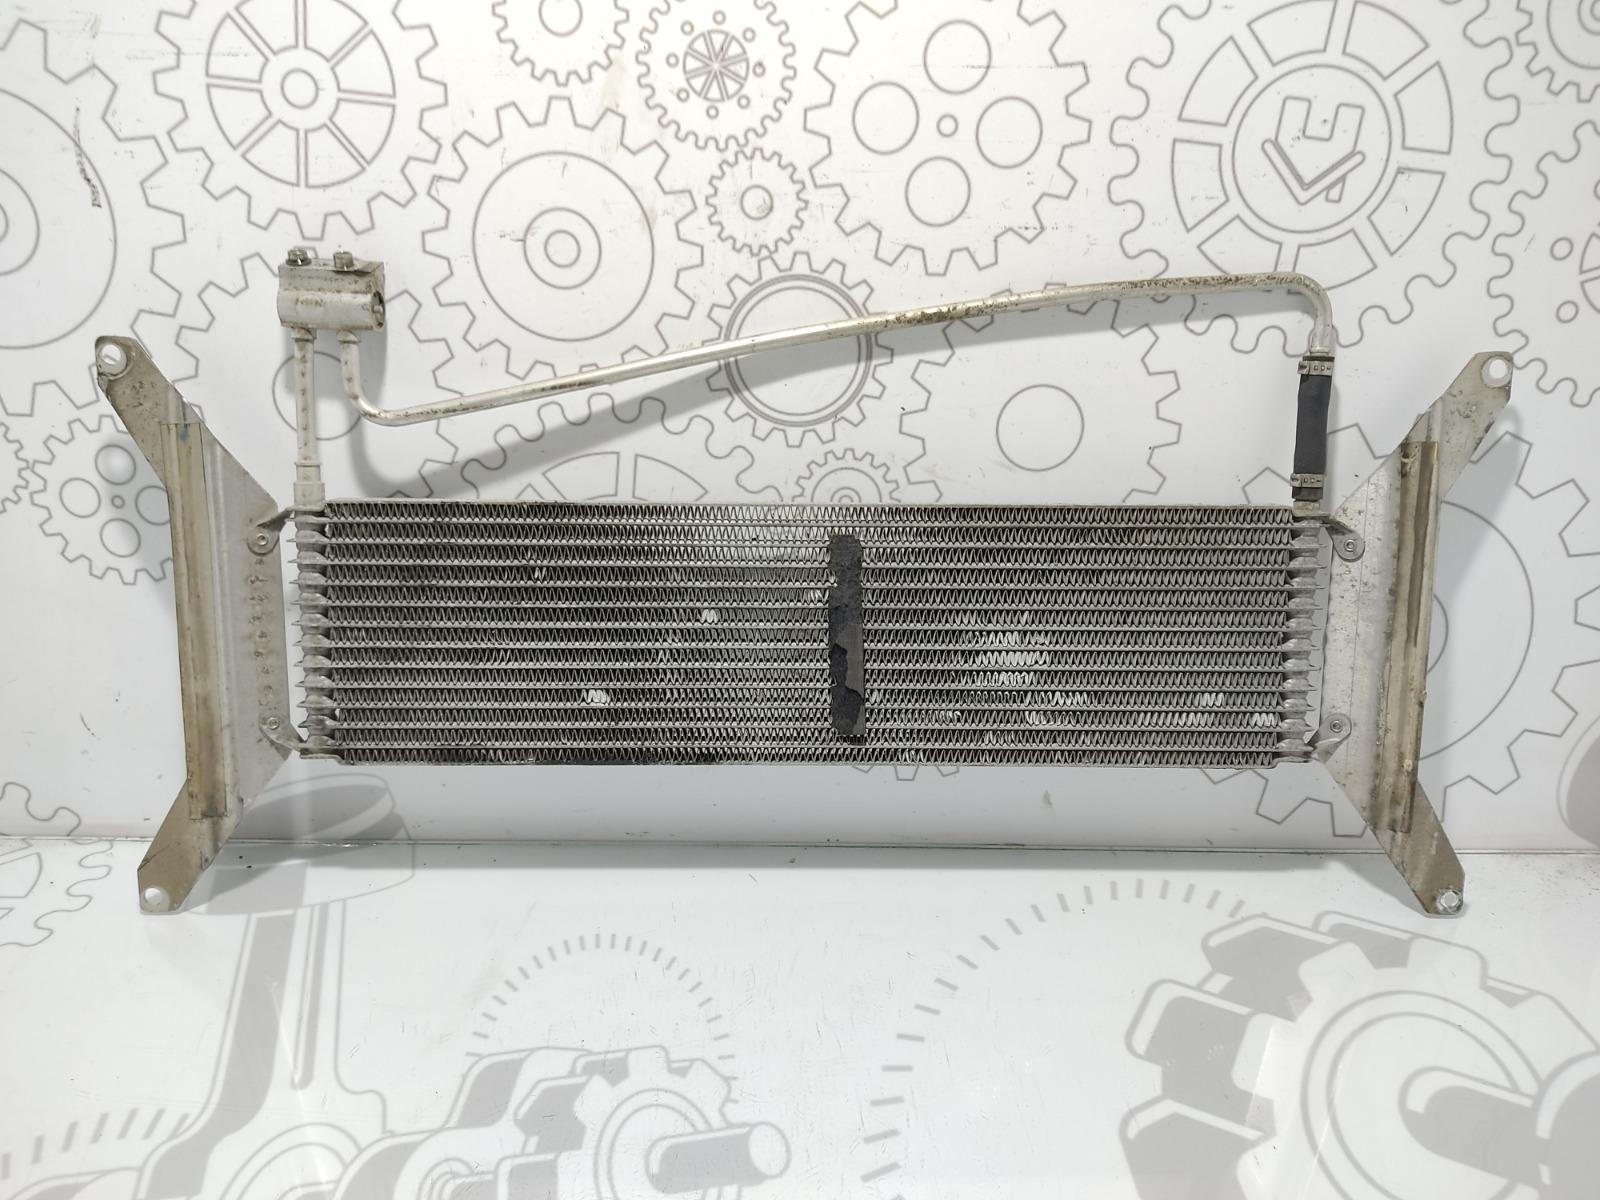 Радиатор акпп Opel Omega B 2.2 I 2003 (б/у)